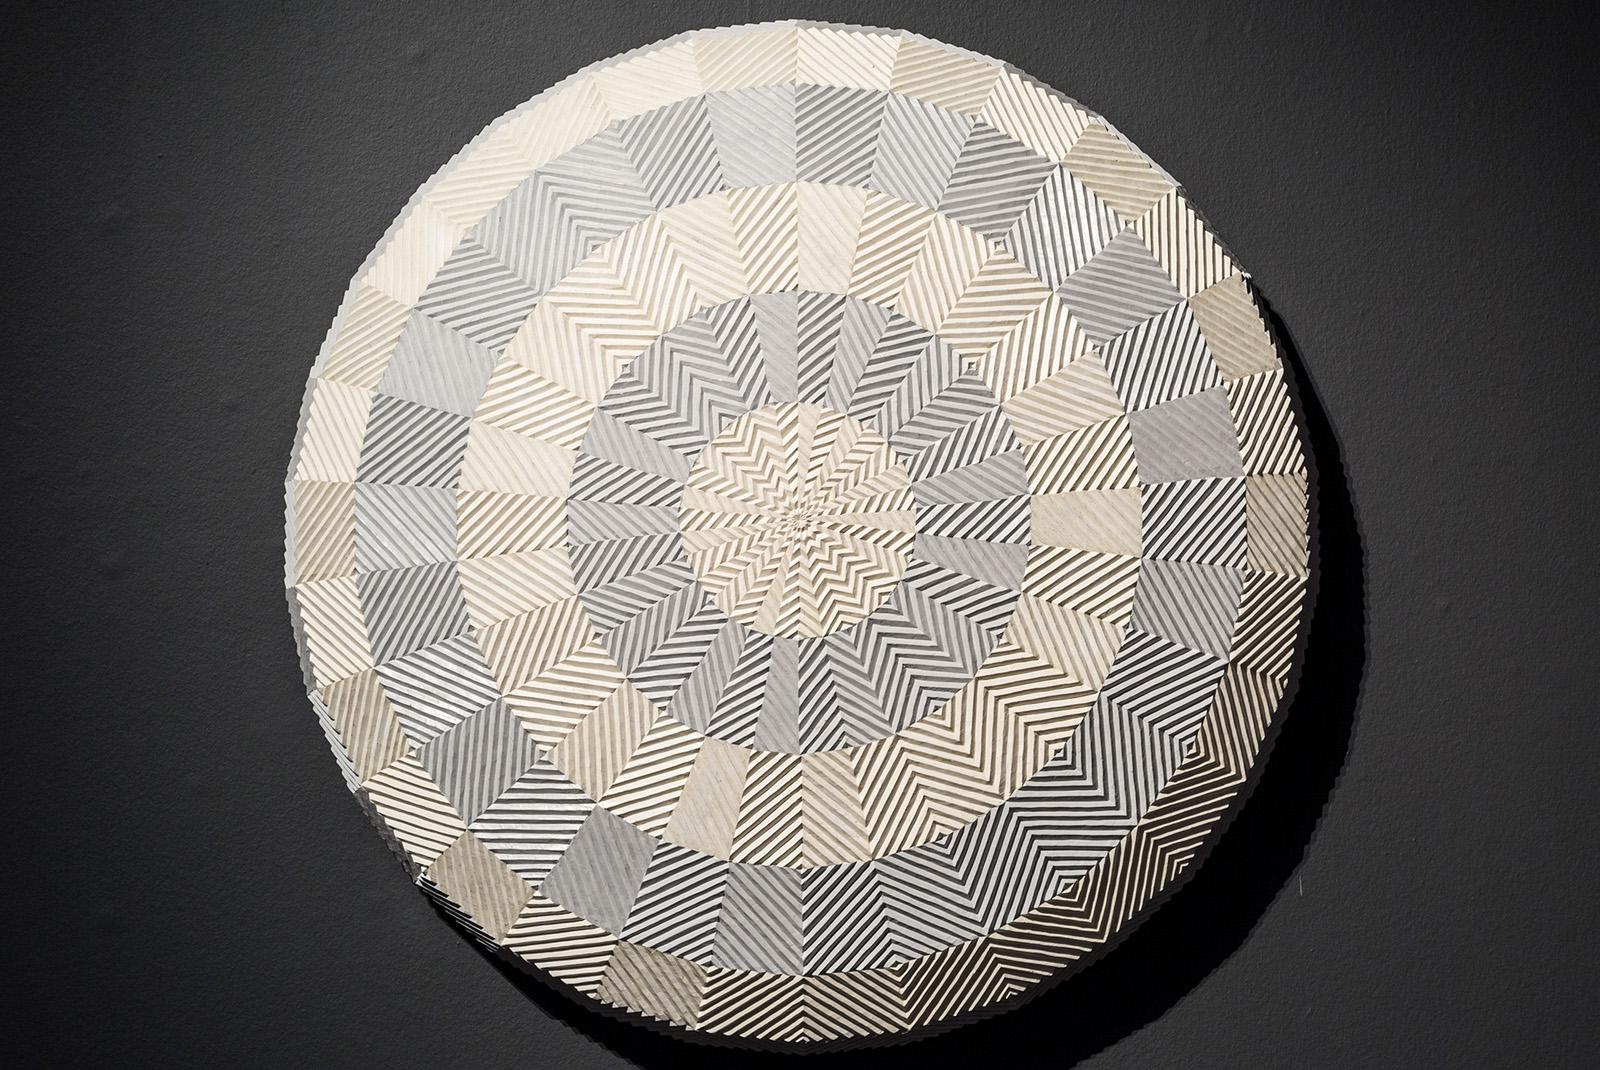 40 00 S 147 91 E, Resettle series, by New Zealand artist Brett Graham